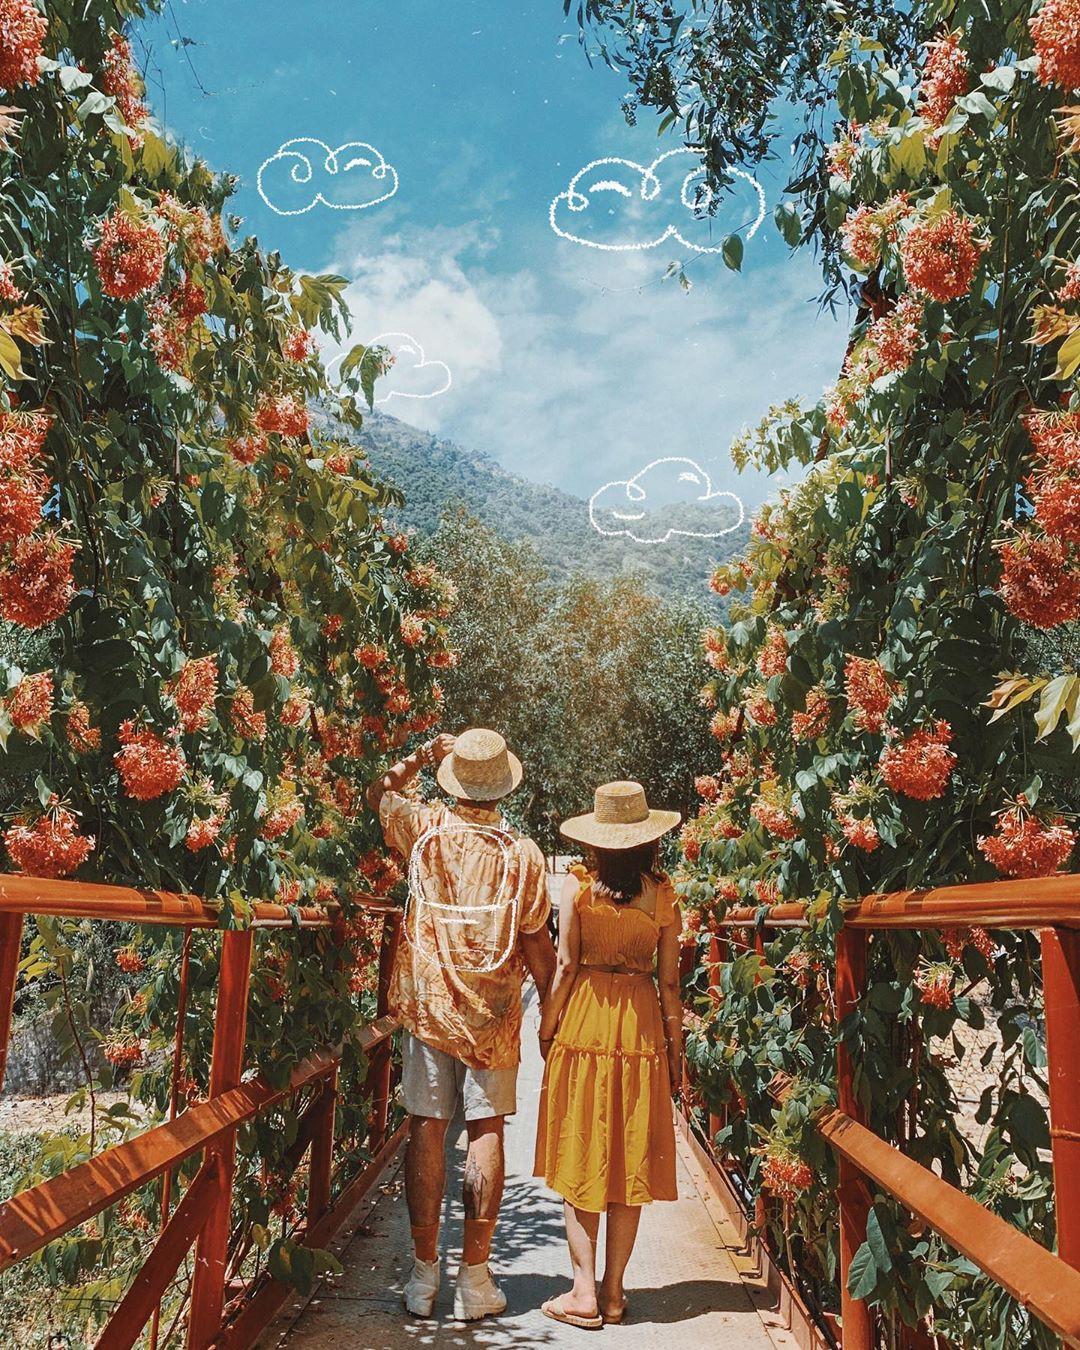 Lễ này có đến Nha Trang, nhớ ghim ngay 6 điểm đến tuyệt đẹp cực hiếm người biết dưới đây! - Ảnh 14.